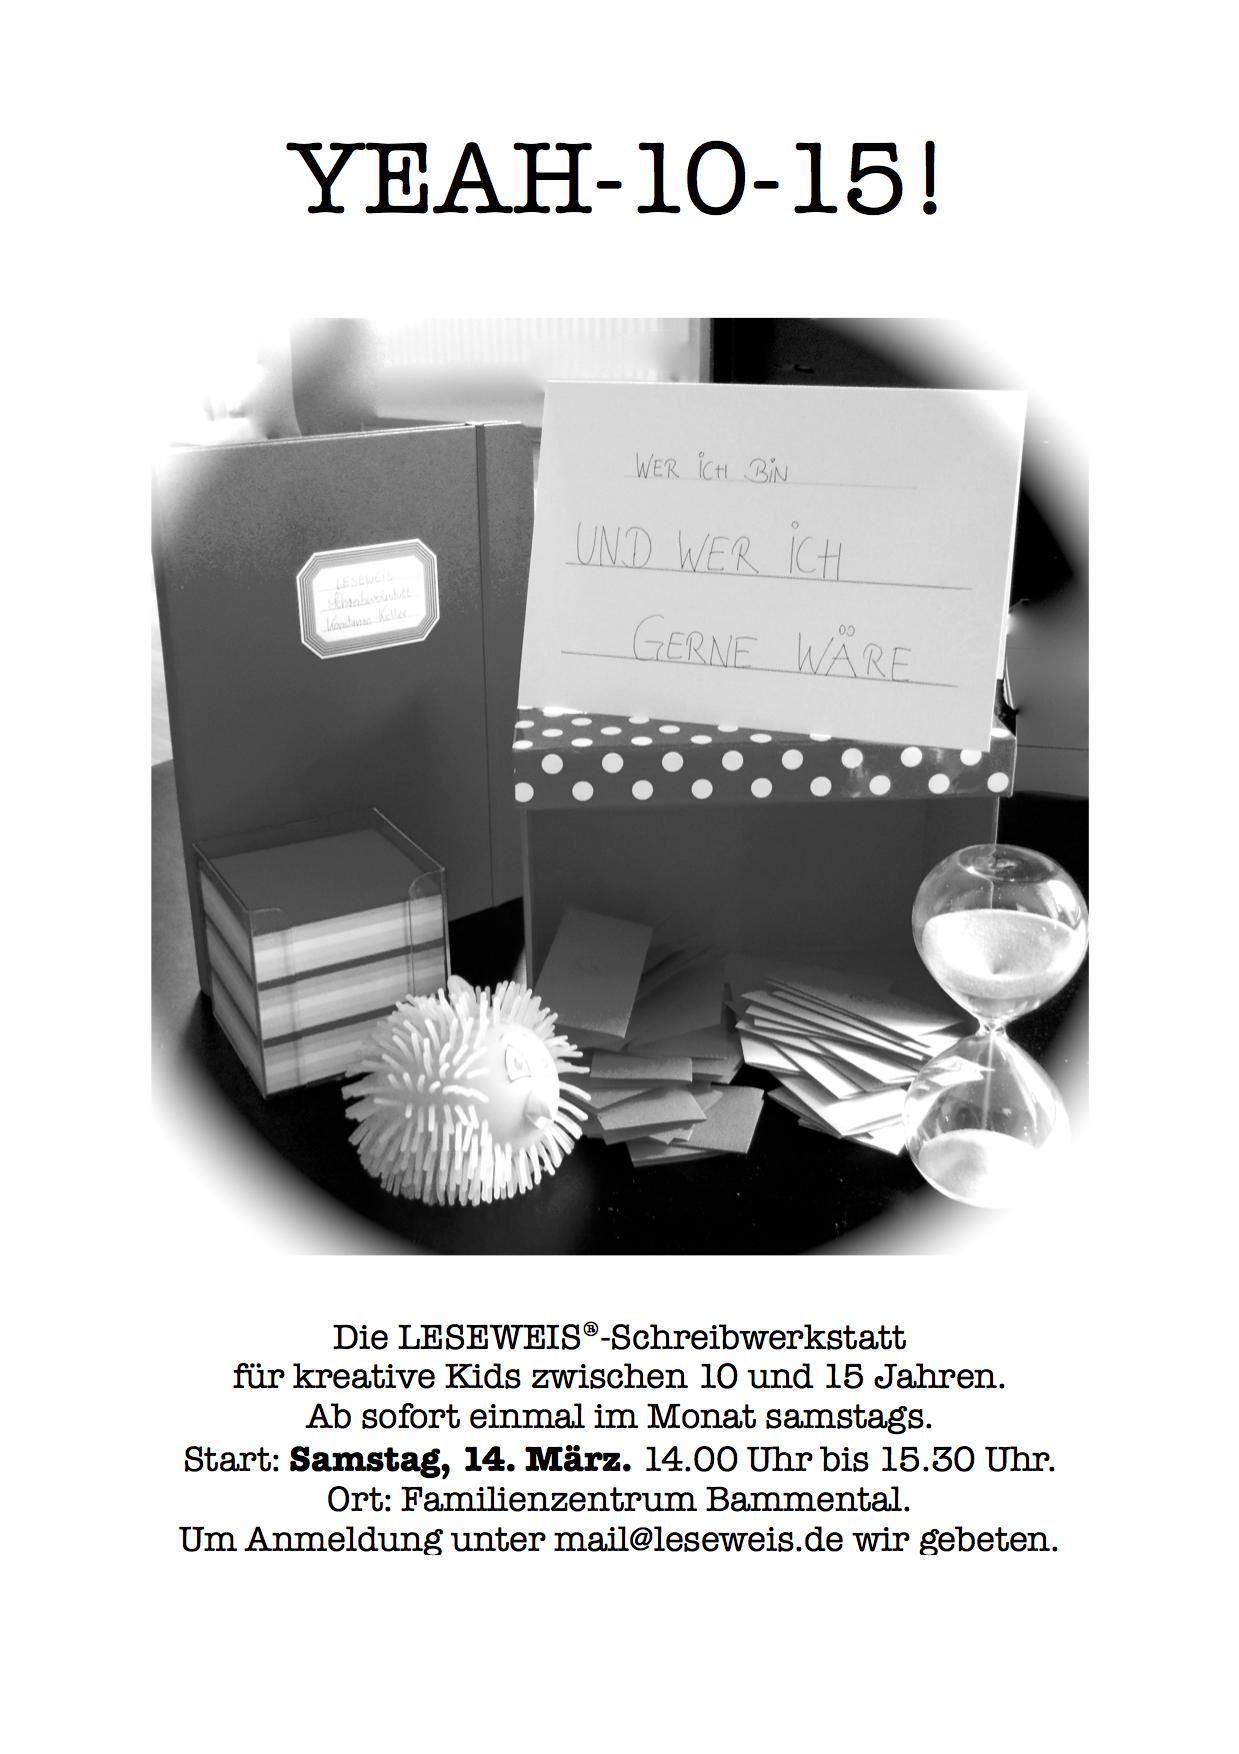 YEAH-10-15! – Offene Schreibwerkstatt für Kinder ab etwa 10 bis etwa 15 Jahren